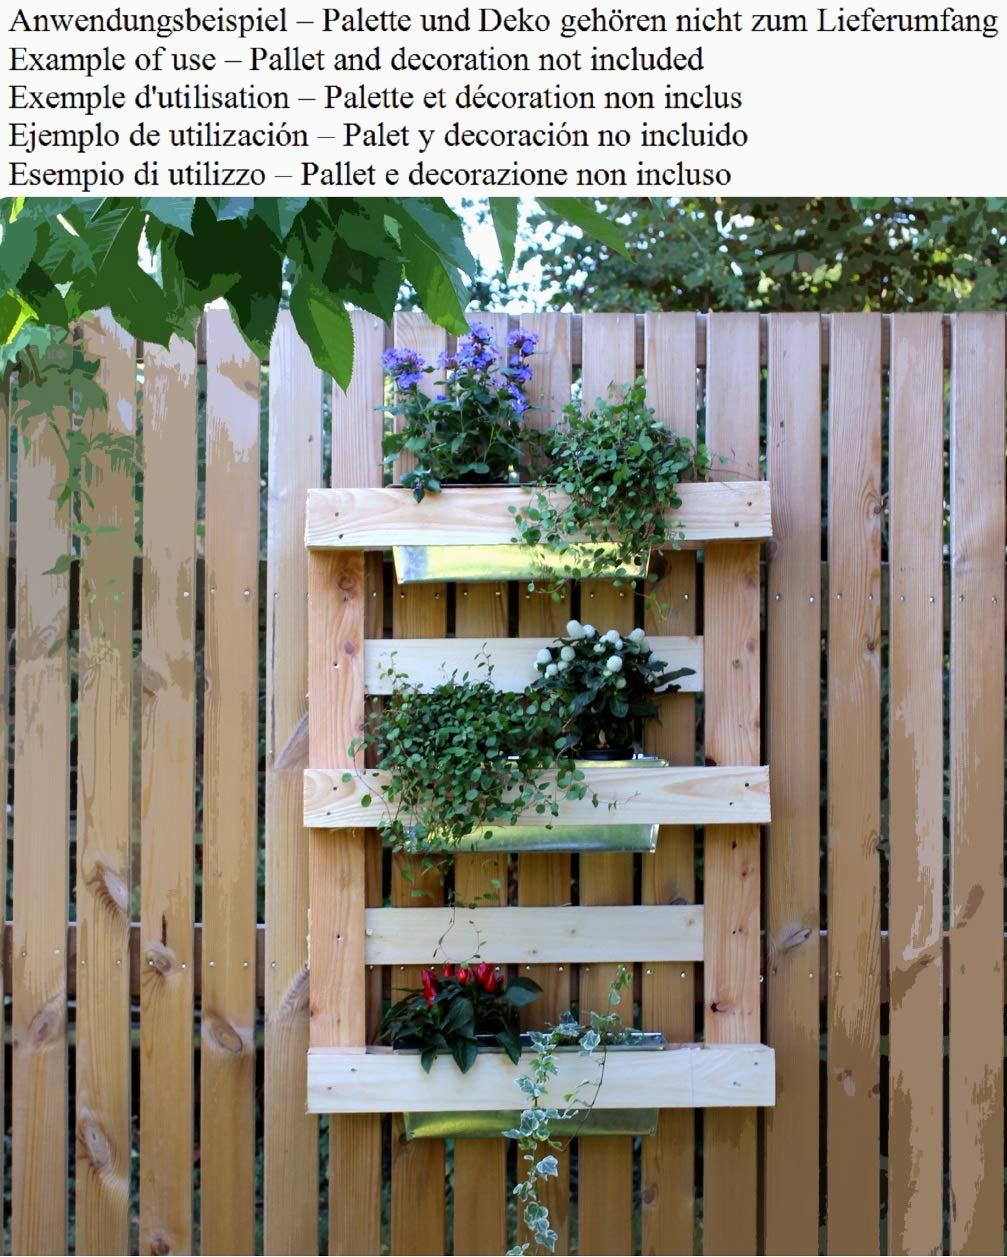 Créer Des Bacs De Jardin Avec Des Palettes Frais Artecsis 12 ... concernant Créer Des Bacs De Jardin Avec Des Palettes